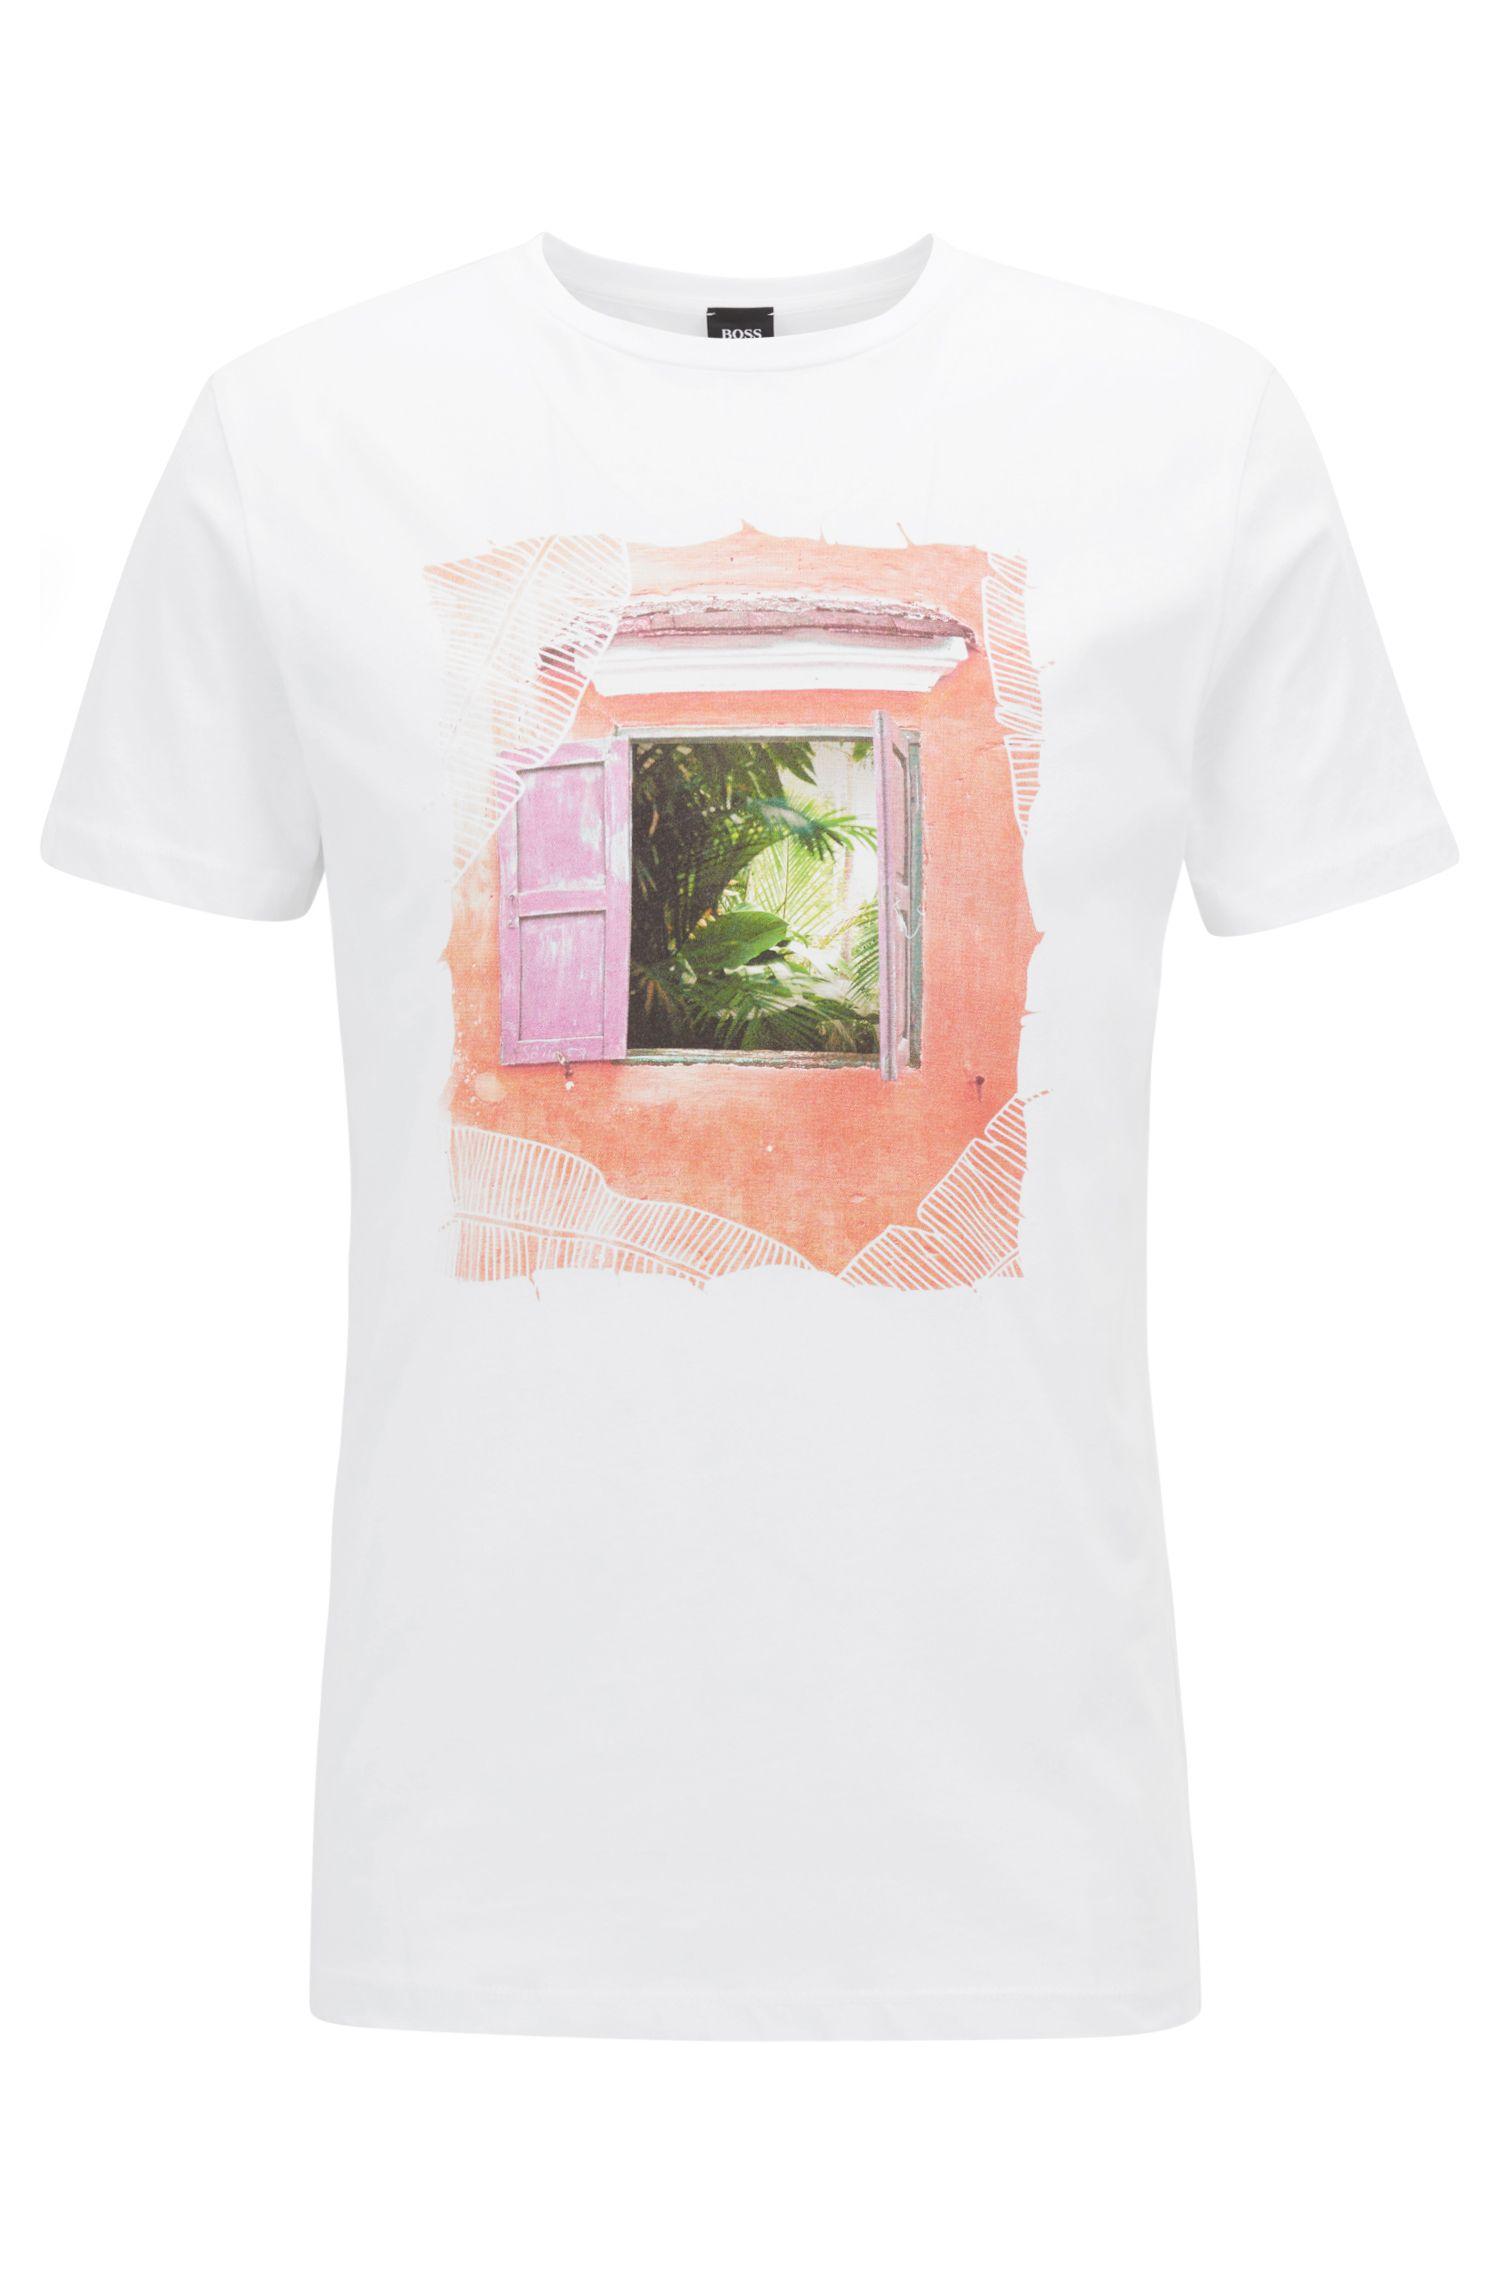 T-shirt a girocollo in cotone con stampa grafica d'ispirazione cubana